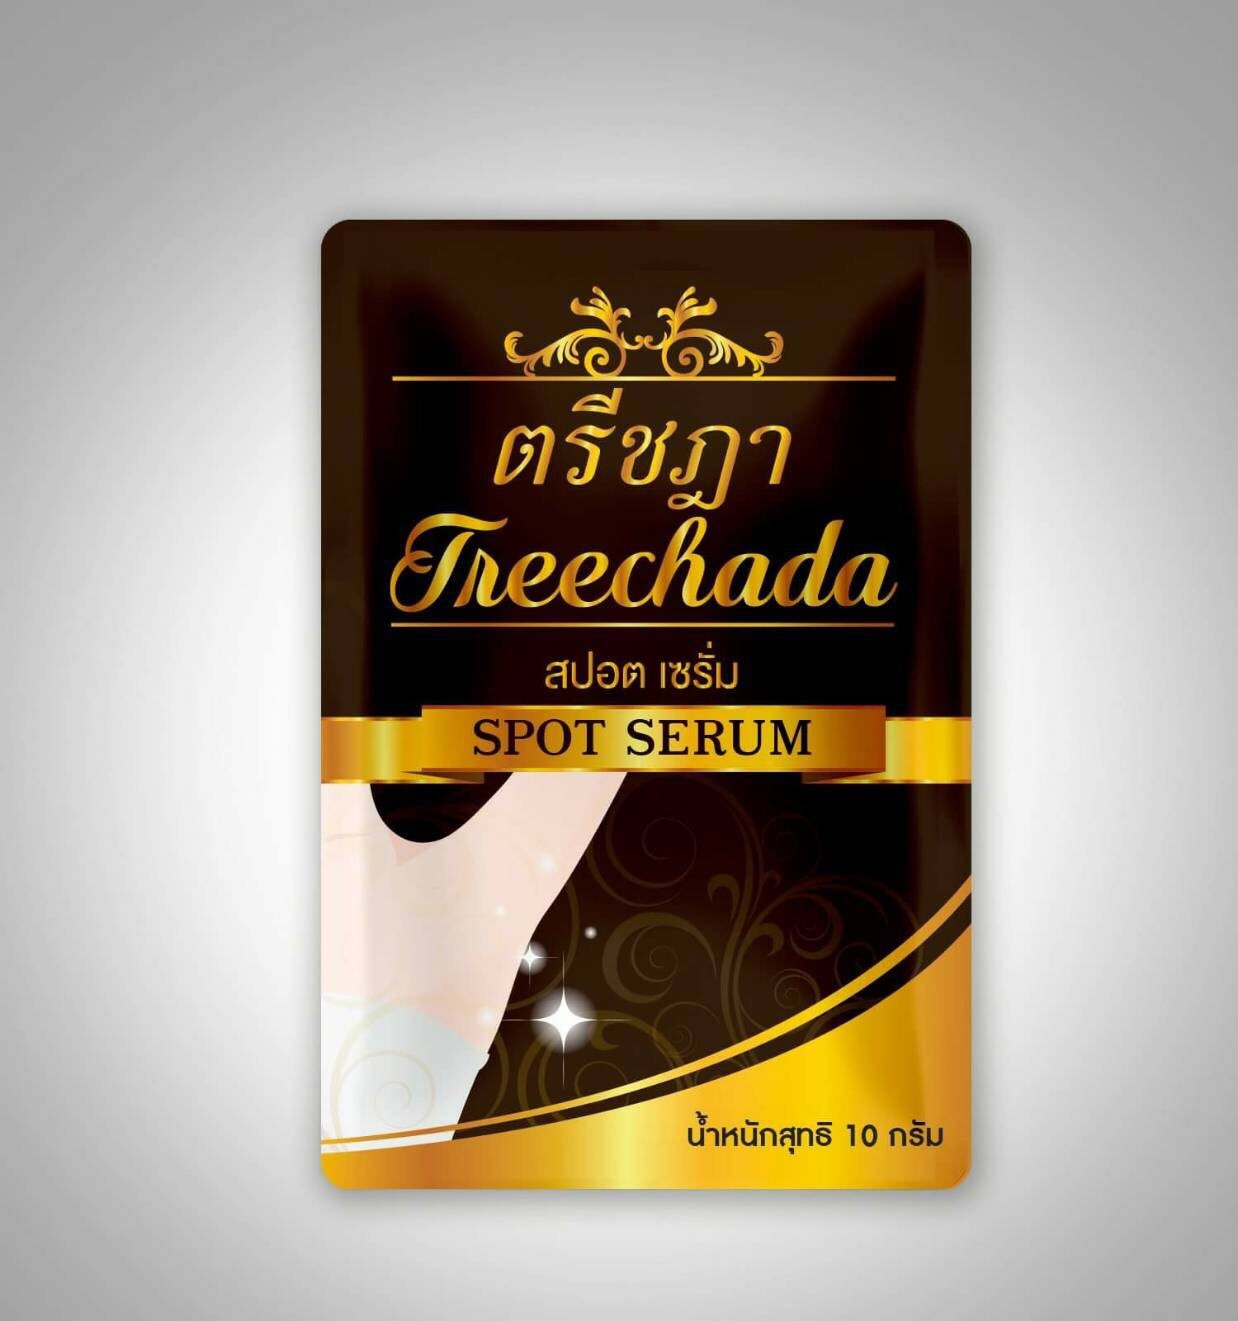 เซรั่ม ตรีชฎา seum treechada ครีม ทารักแร้ ขาว 1 กล่อง (10 ซอง)